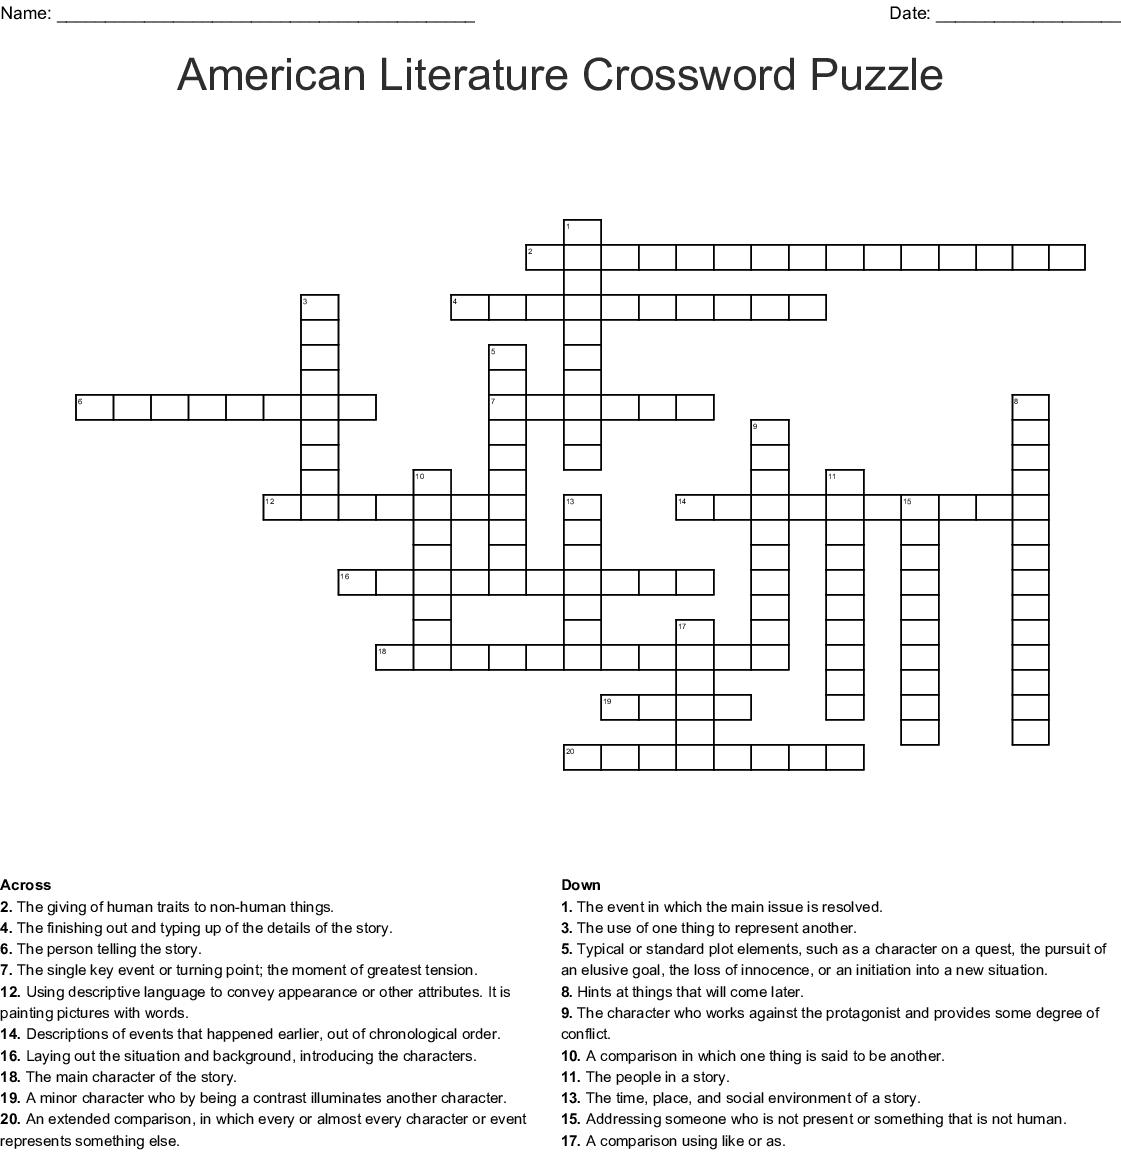 American Literature Crossword Puzzle Crossword - Wordmint - Literature Crossword Puzzles Printable